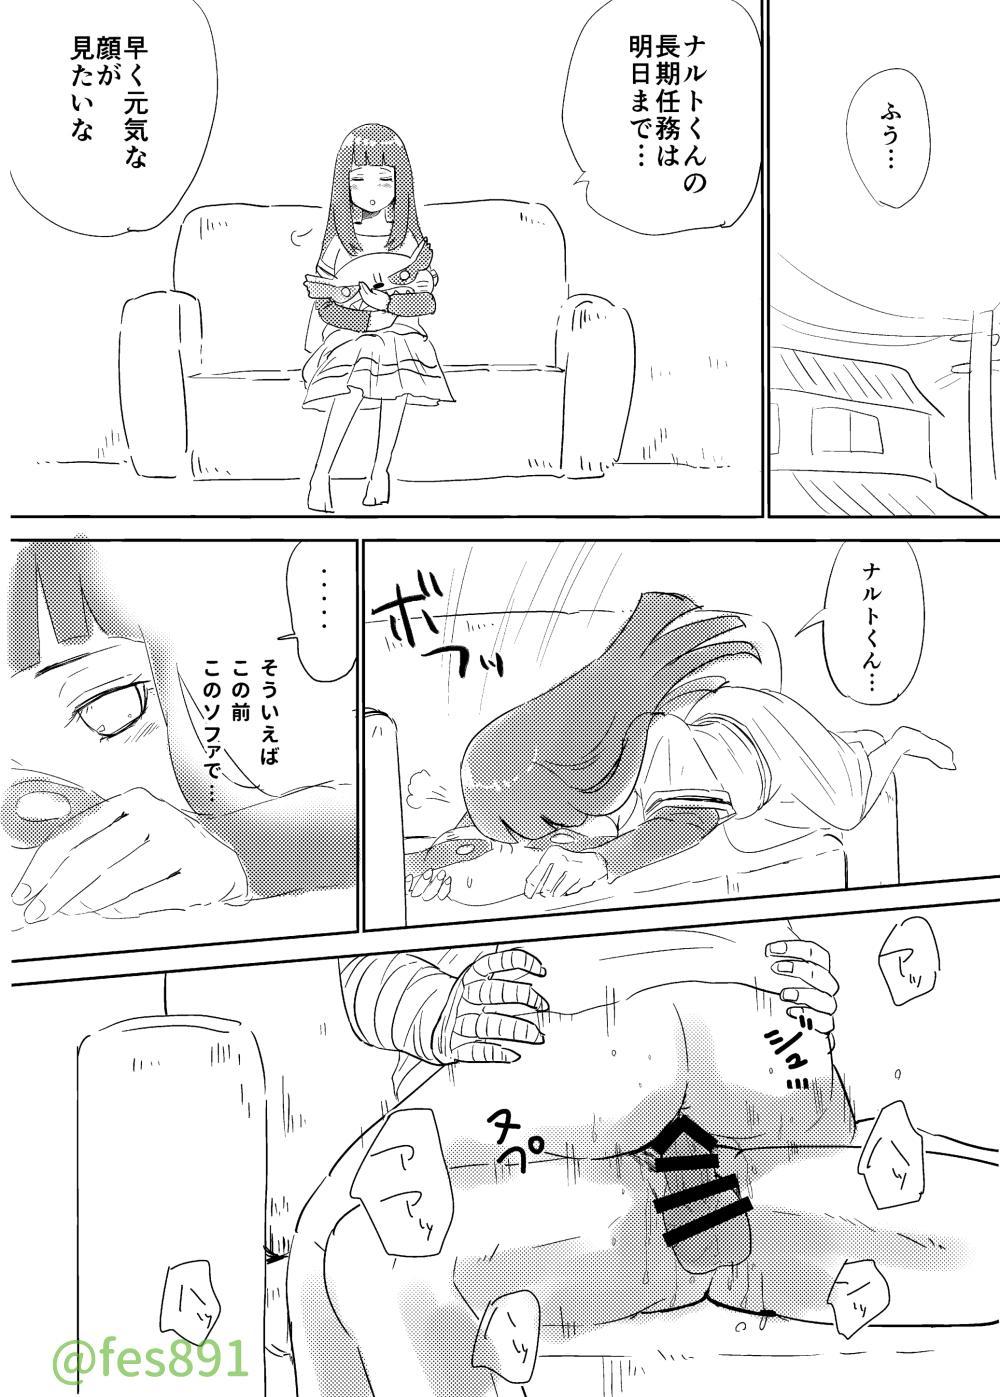 全忍3無配マンガ 1